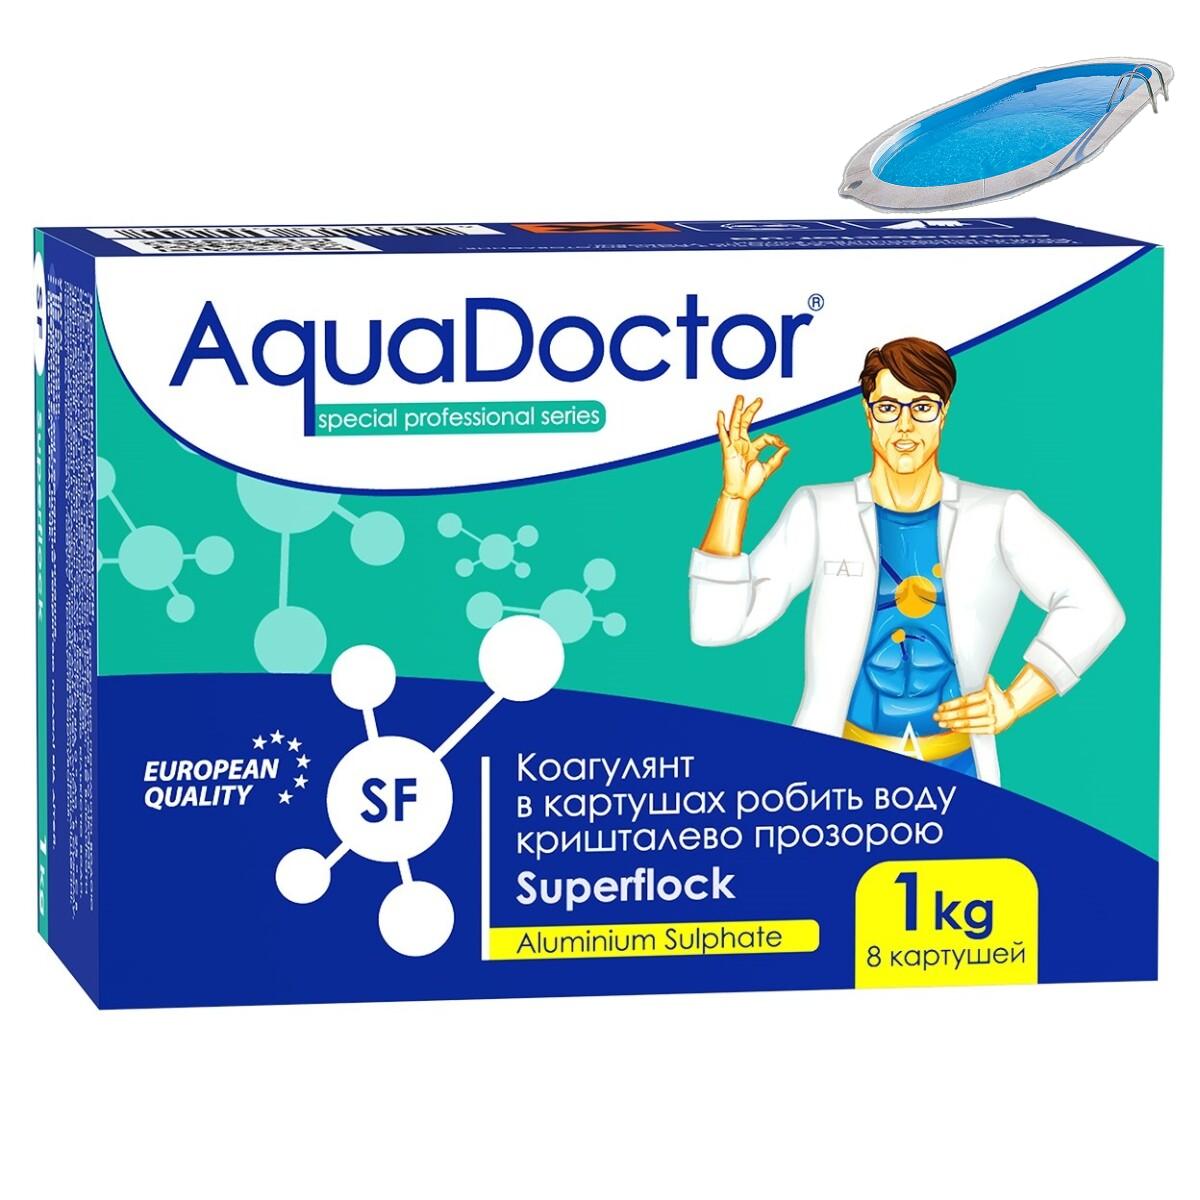 Коагулирующее средство в картушах AquaDoctor Superflock  1 кг. Флокулянт для бассейна